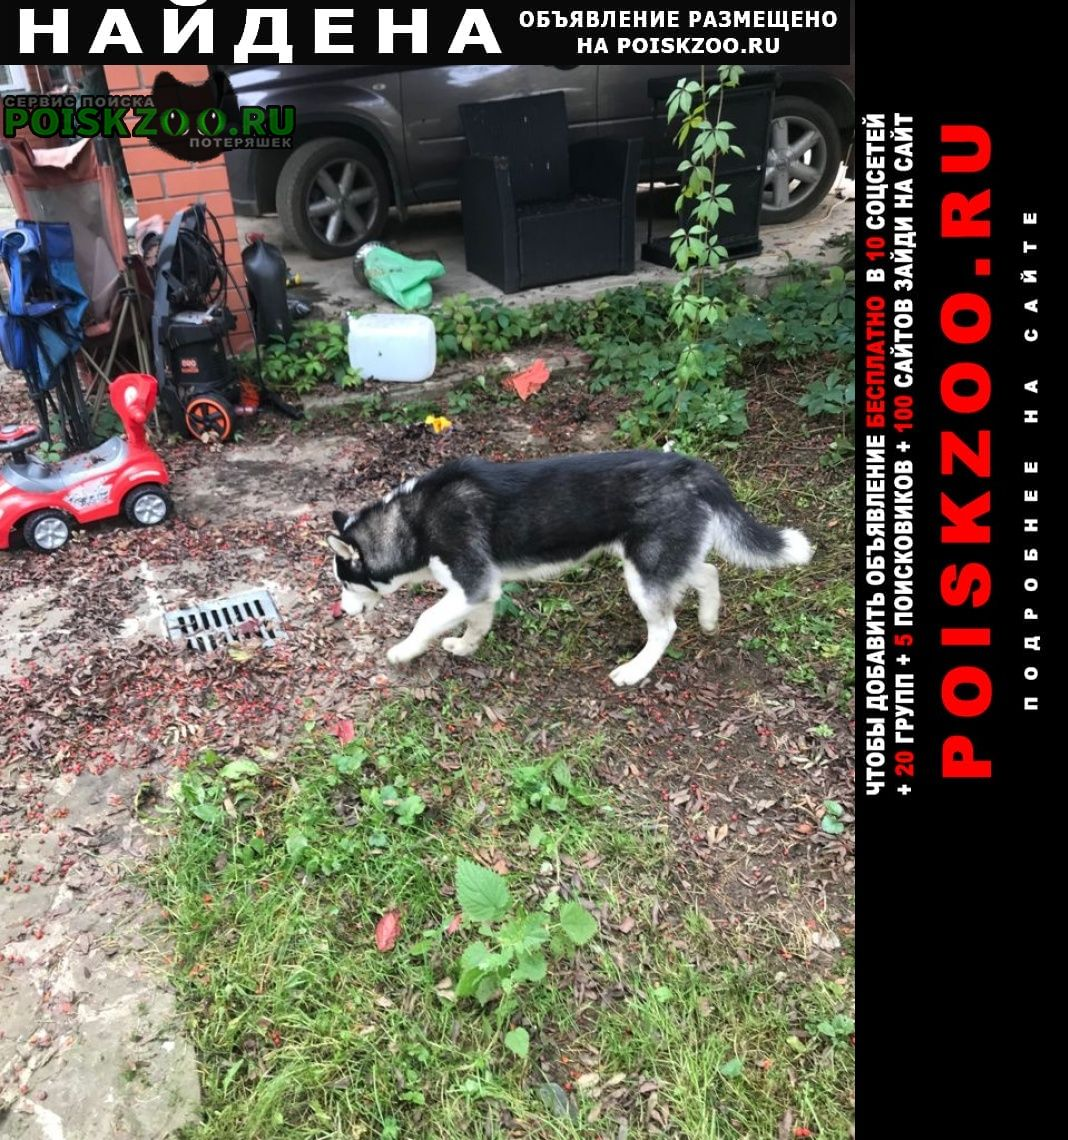 Найдена собака кобель щенок хаски, дер пешково Ногинск